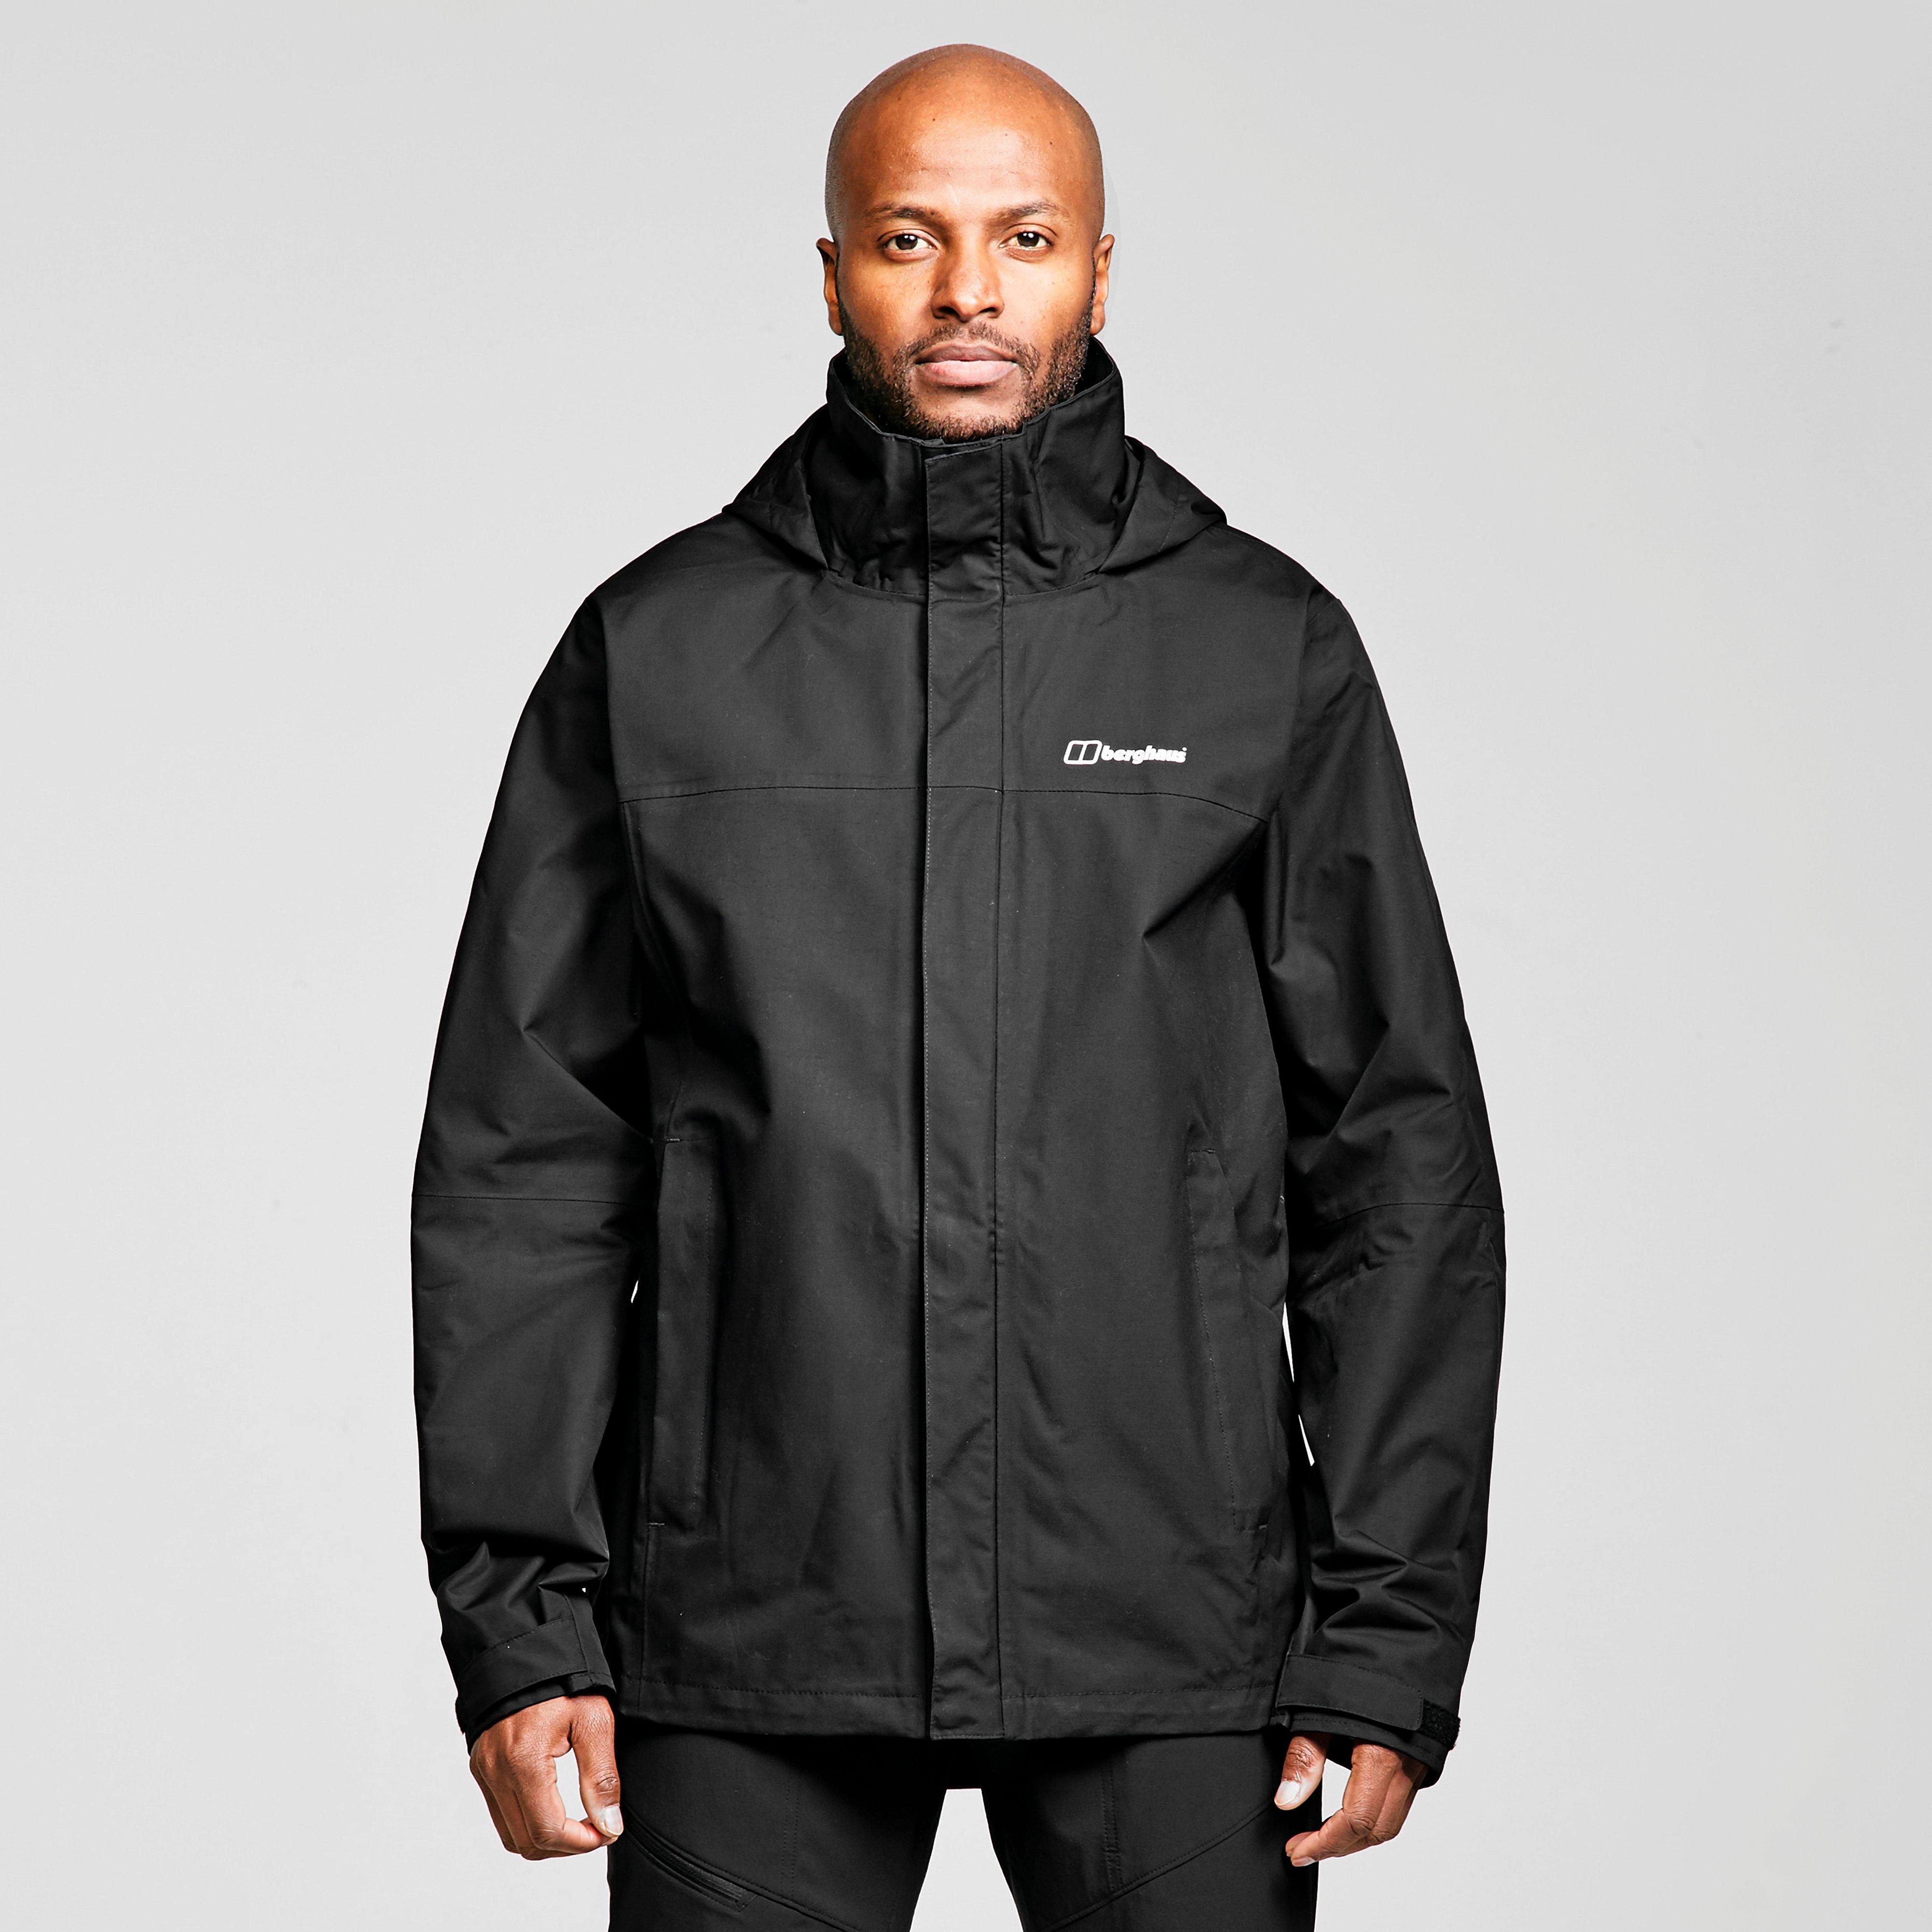 Berghaus Mens Rg Alpha 2.0 Waterproof Jacket - Black/blk  Black/blk